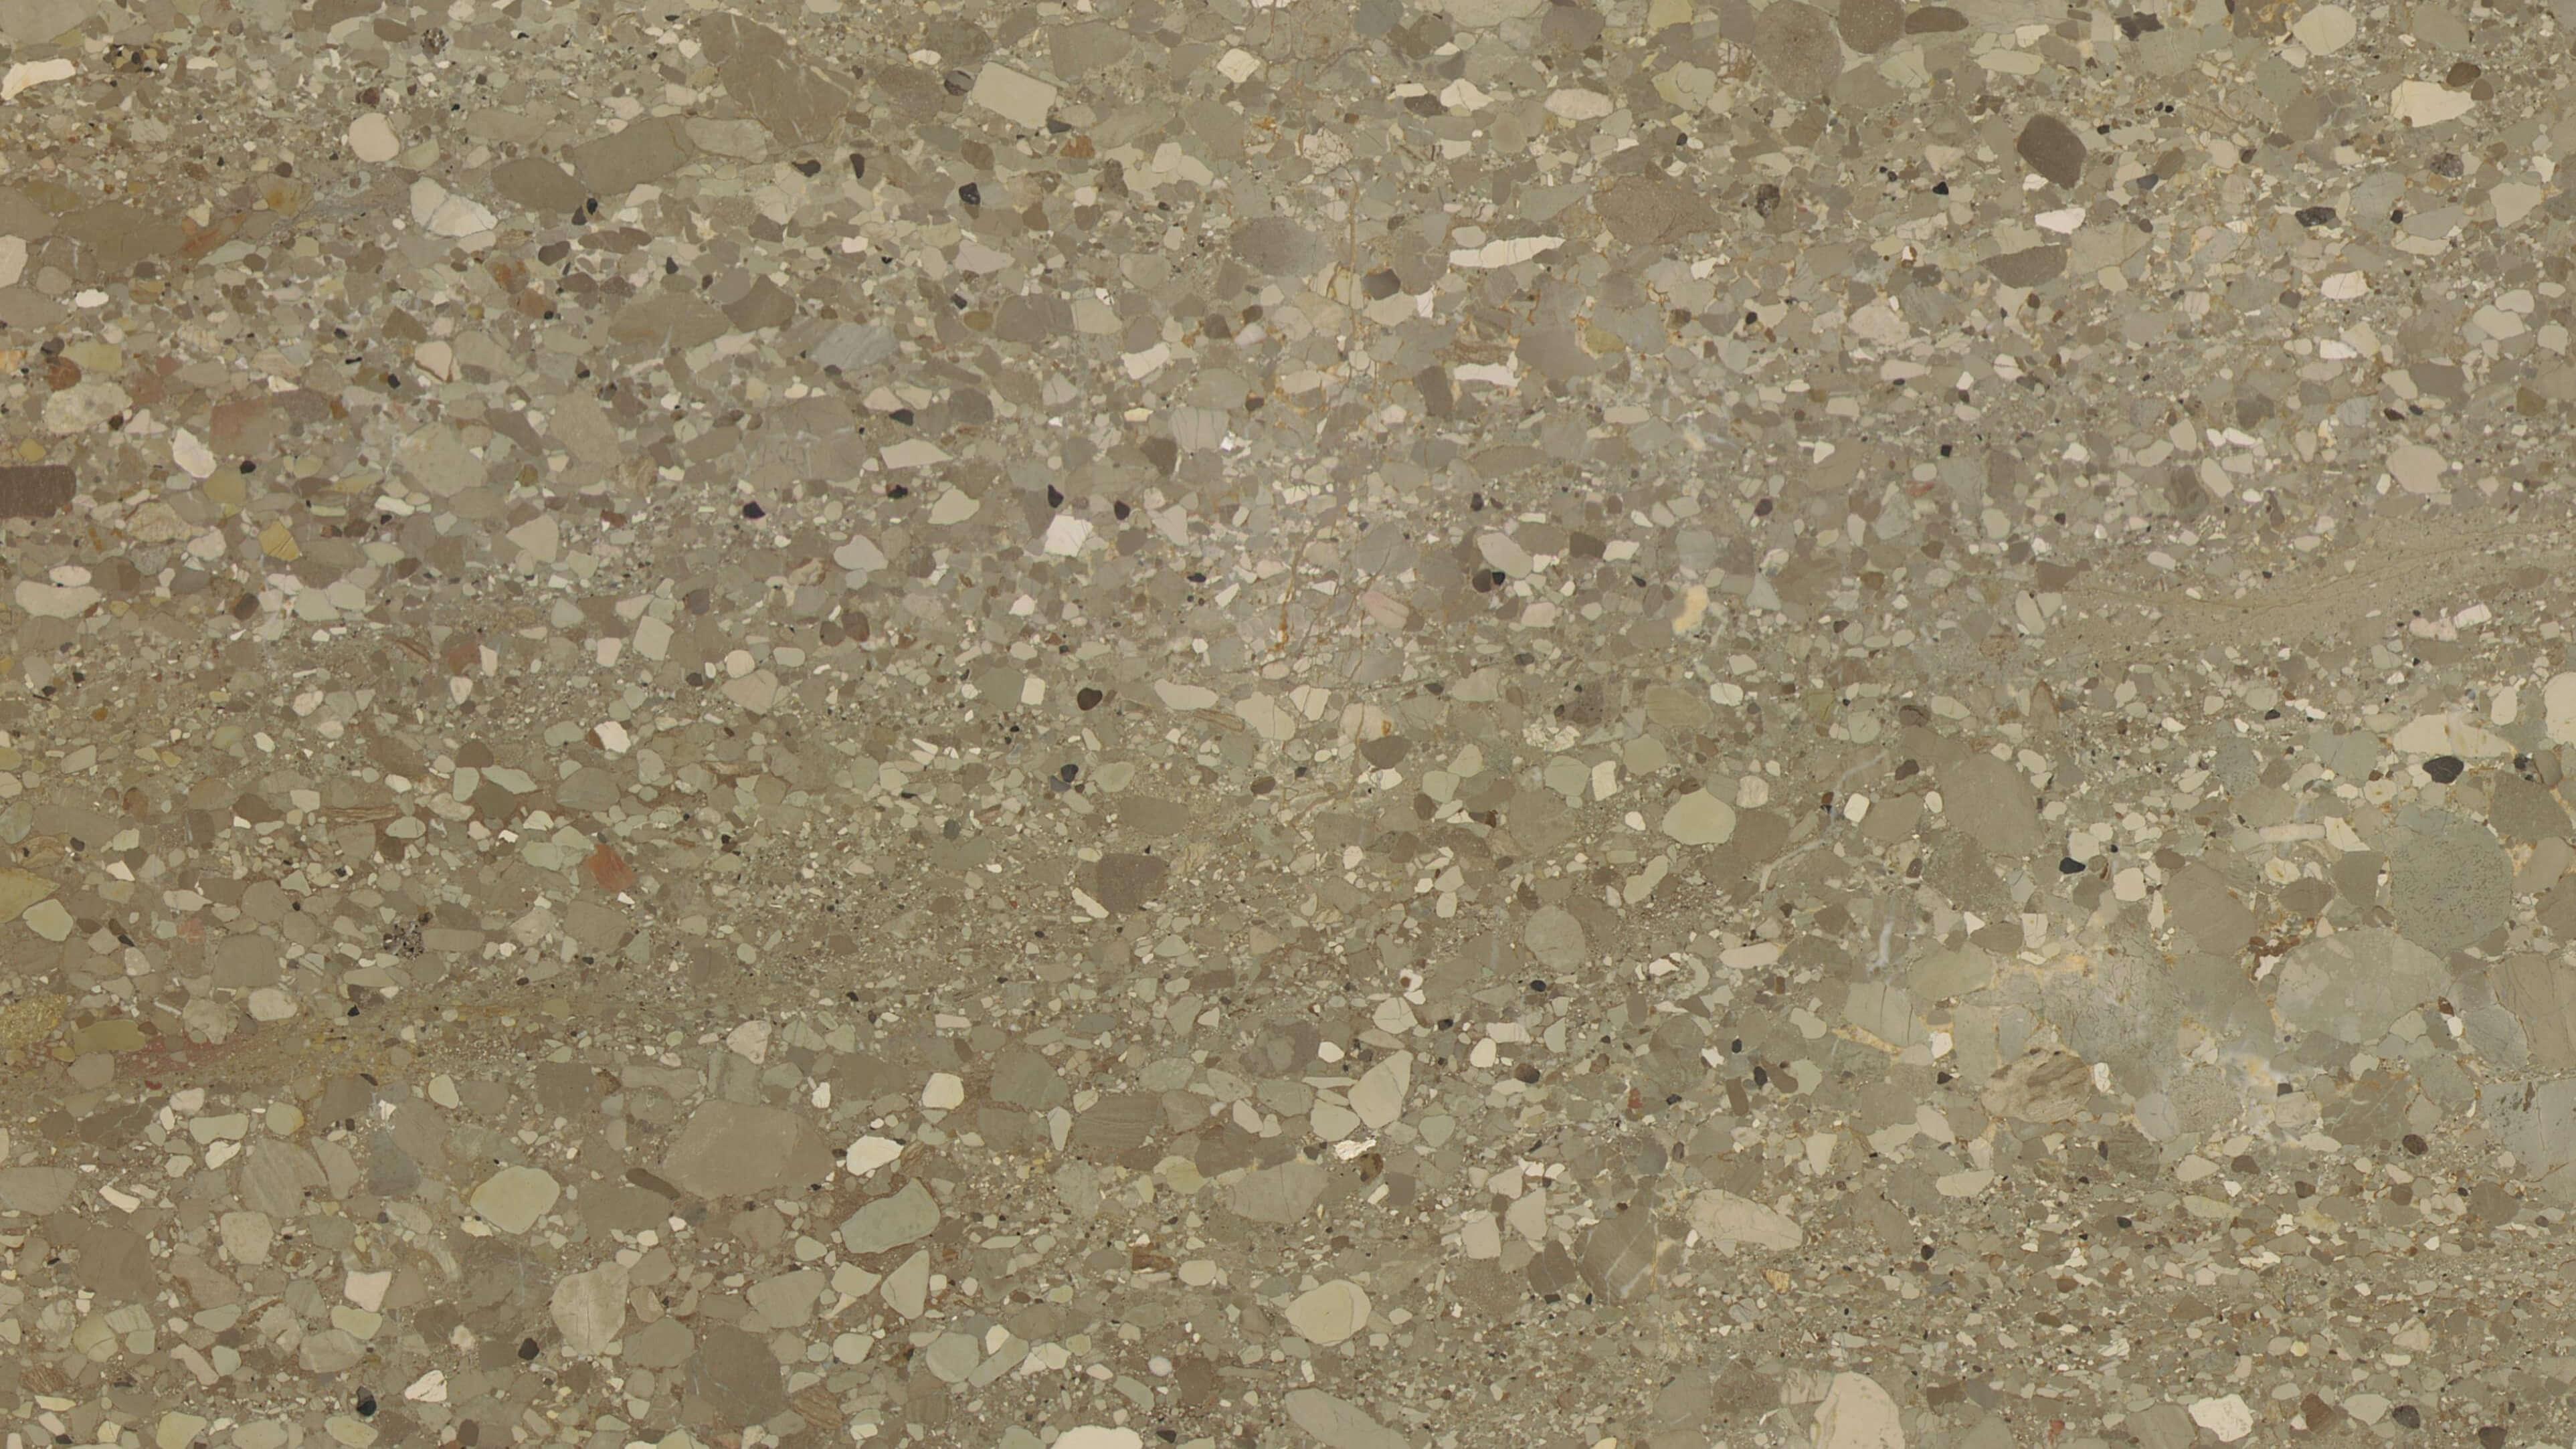 Ceppo Di Sabbia